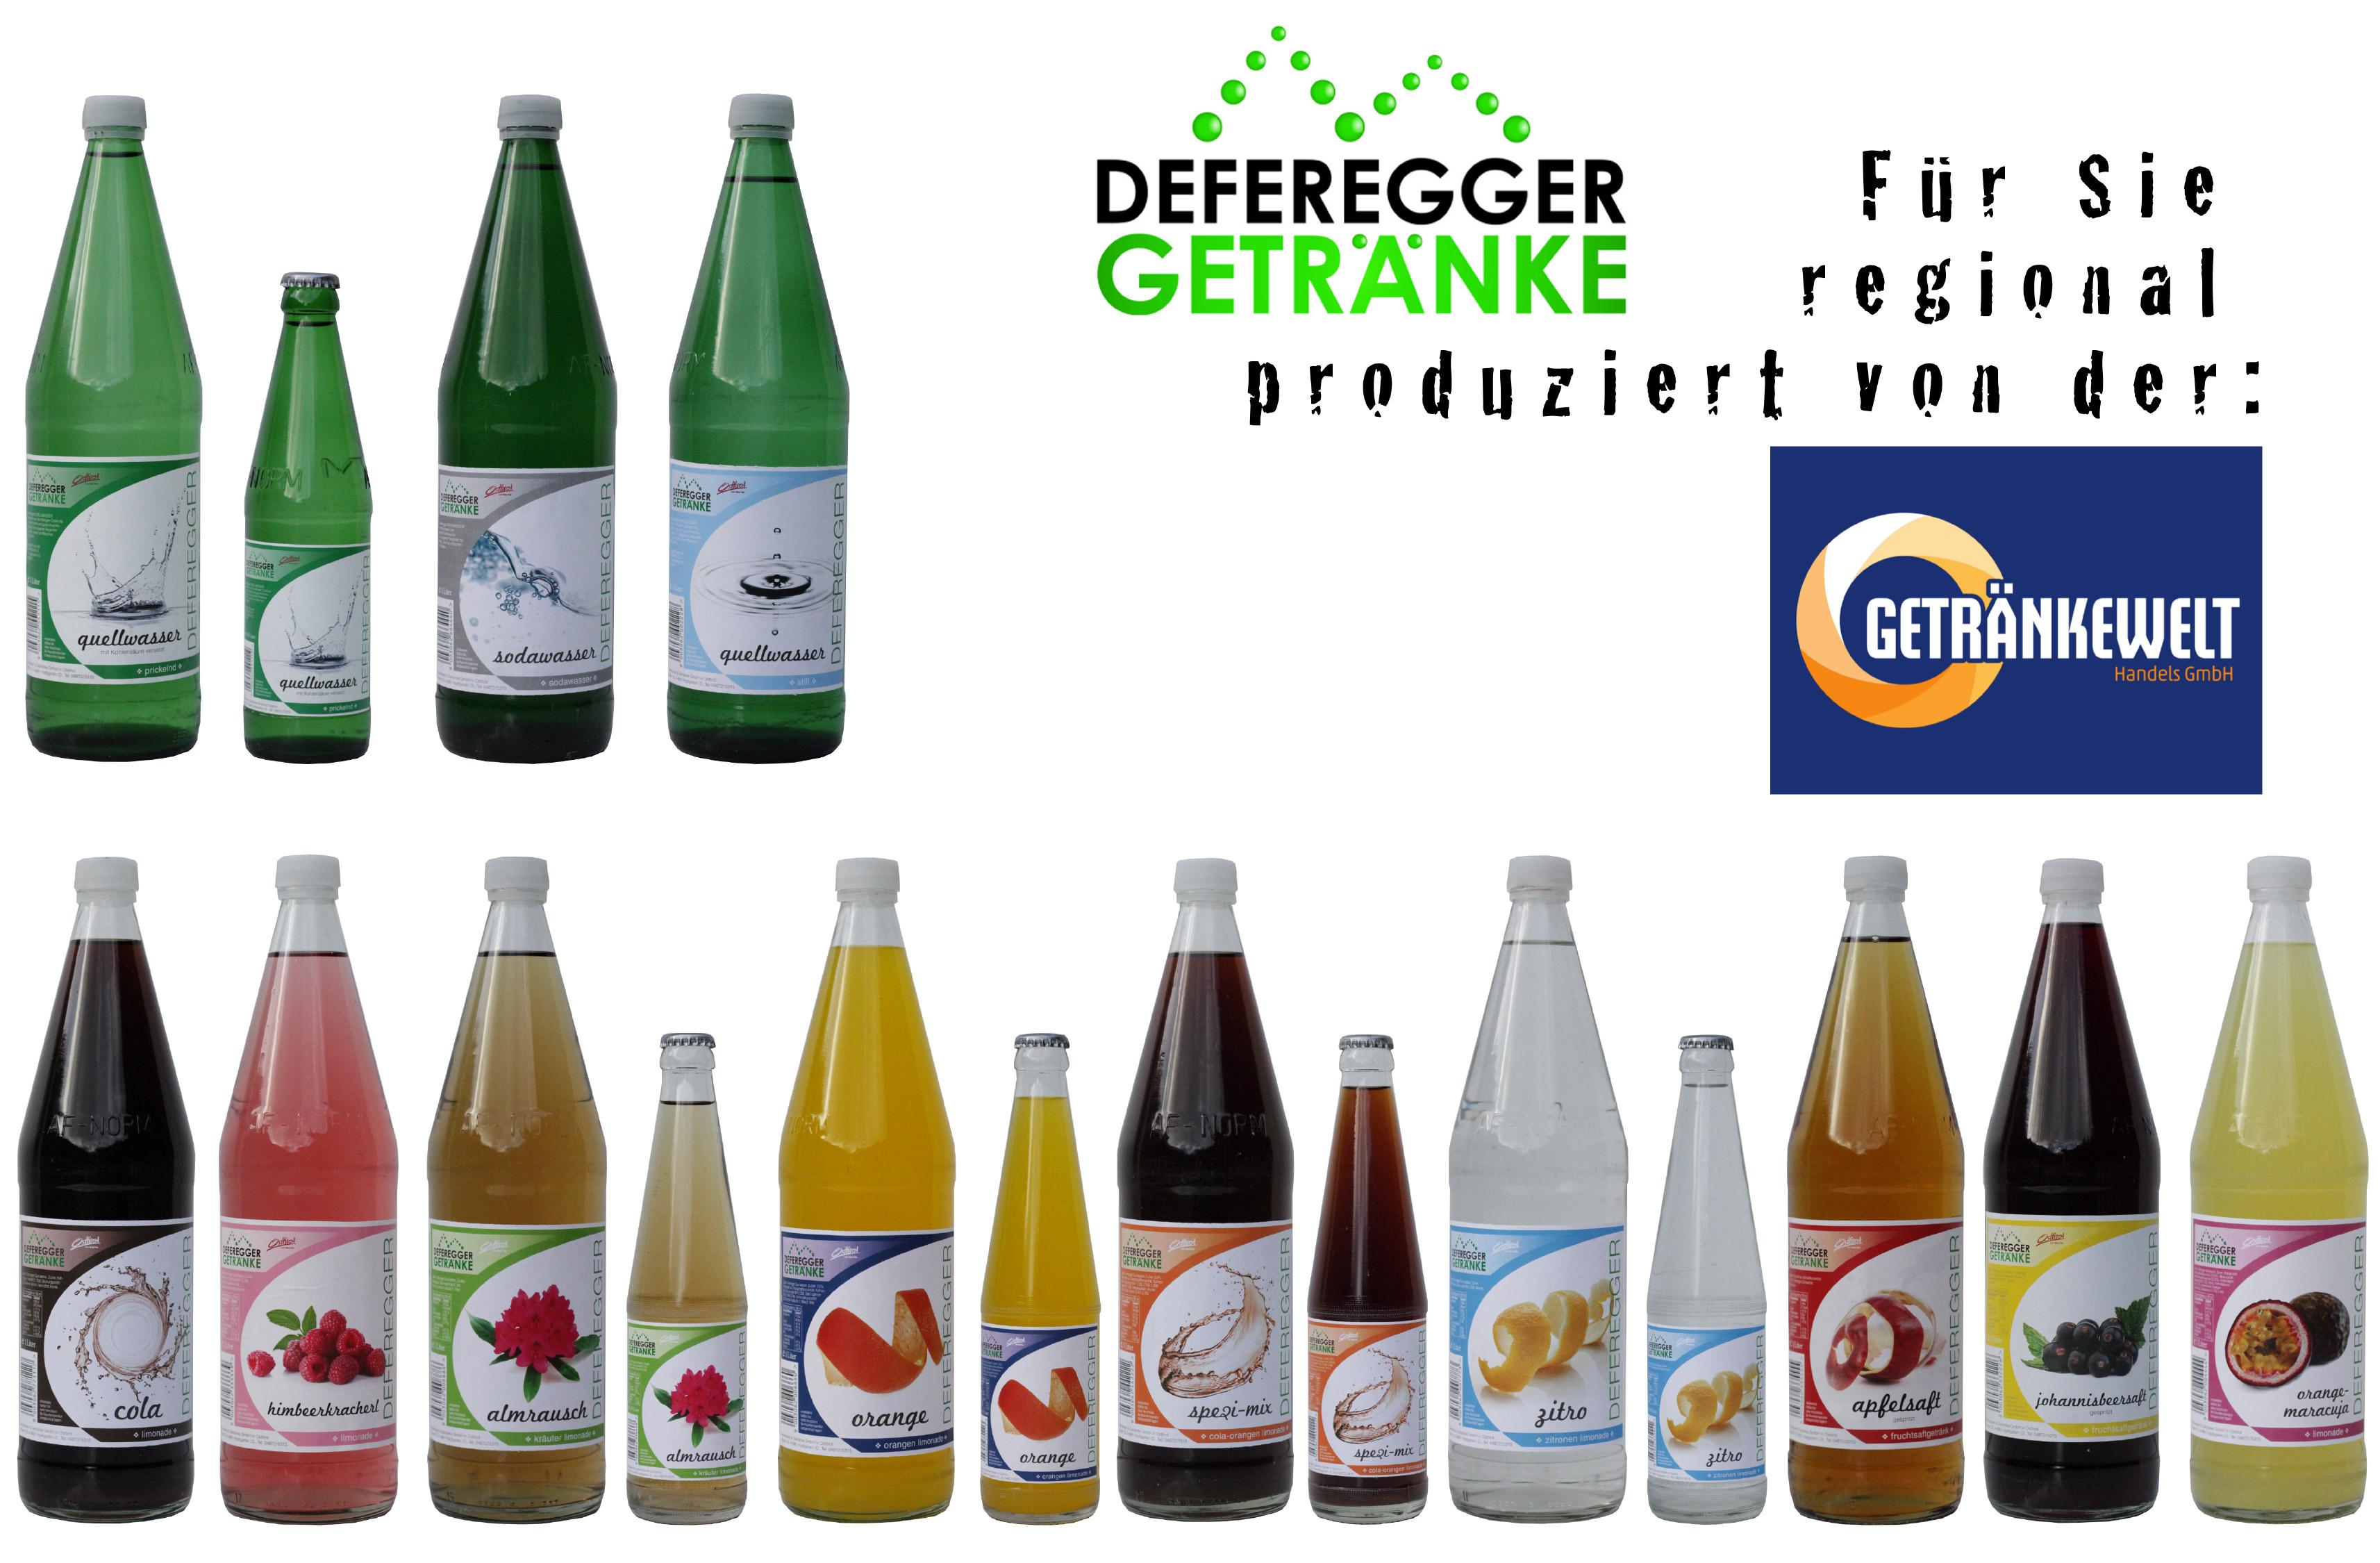 Abfüllung / Getränkewelt Handels GmbH